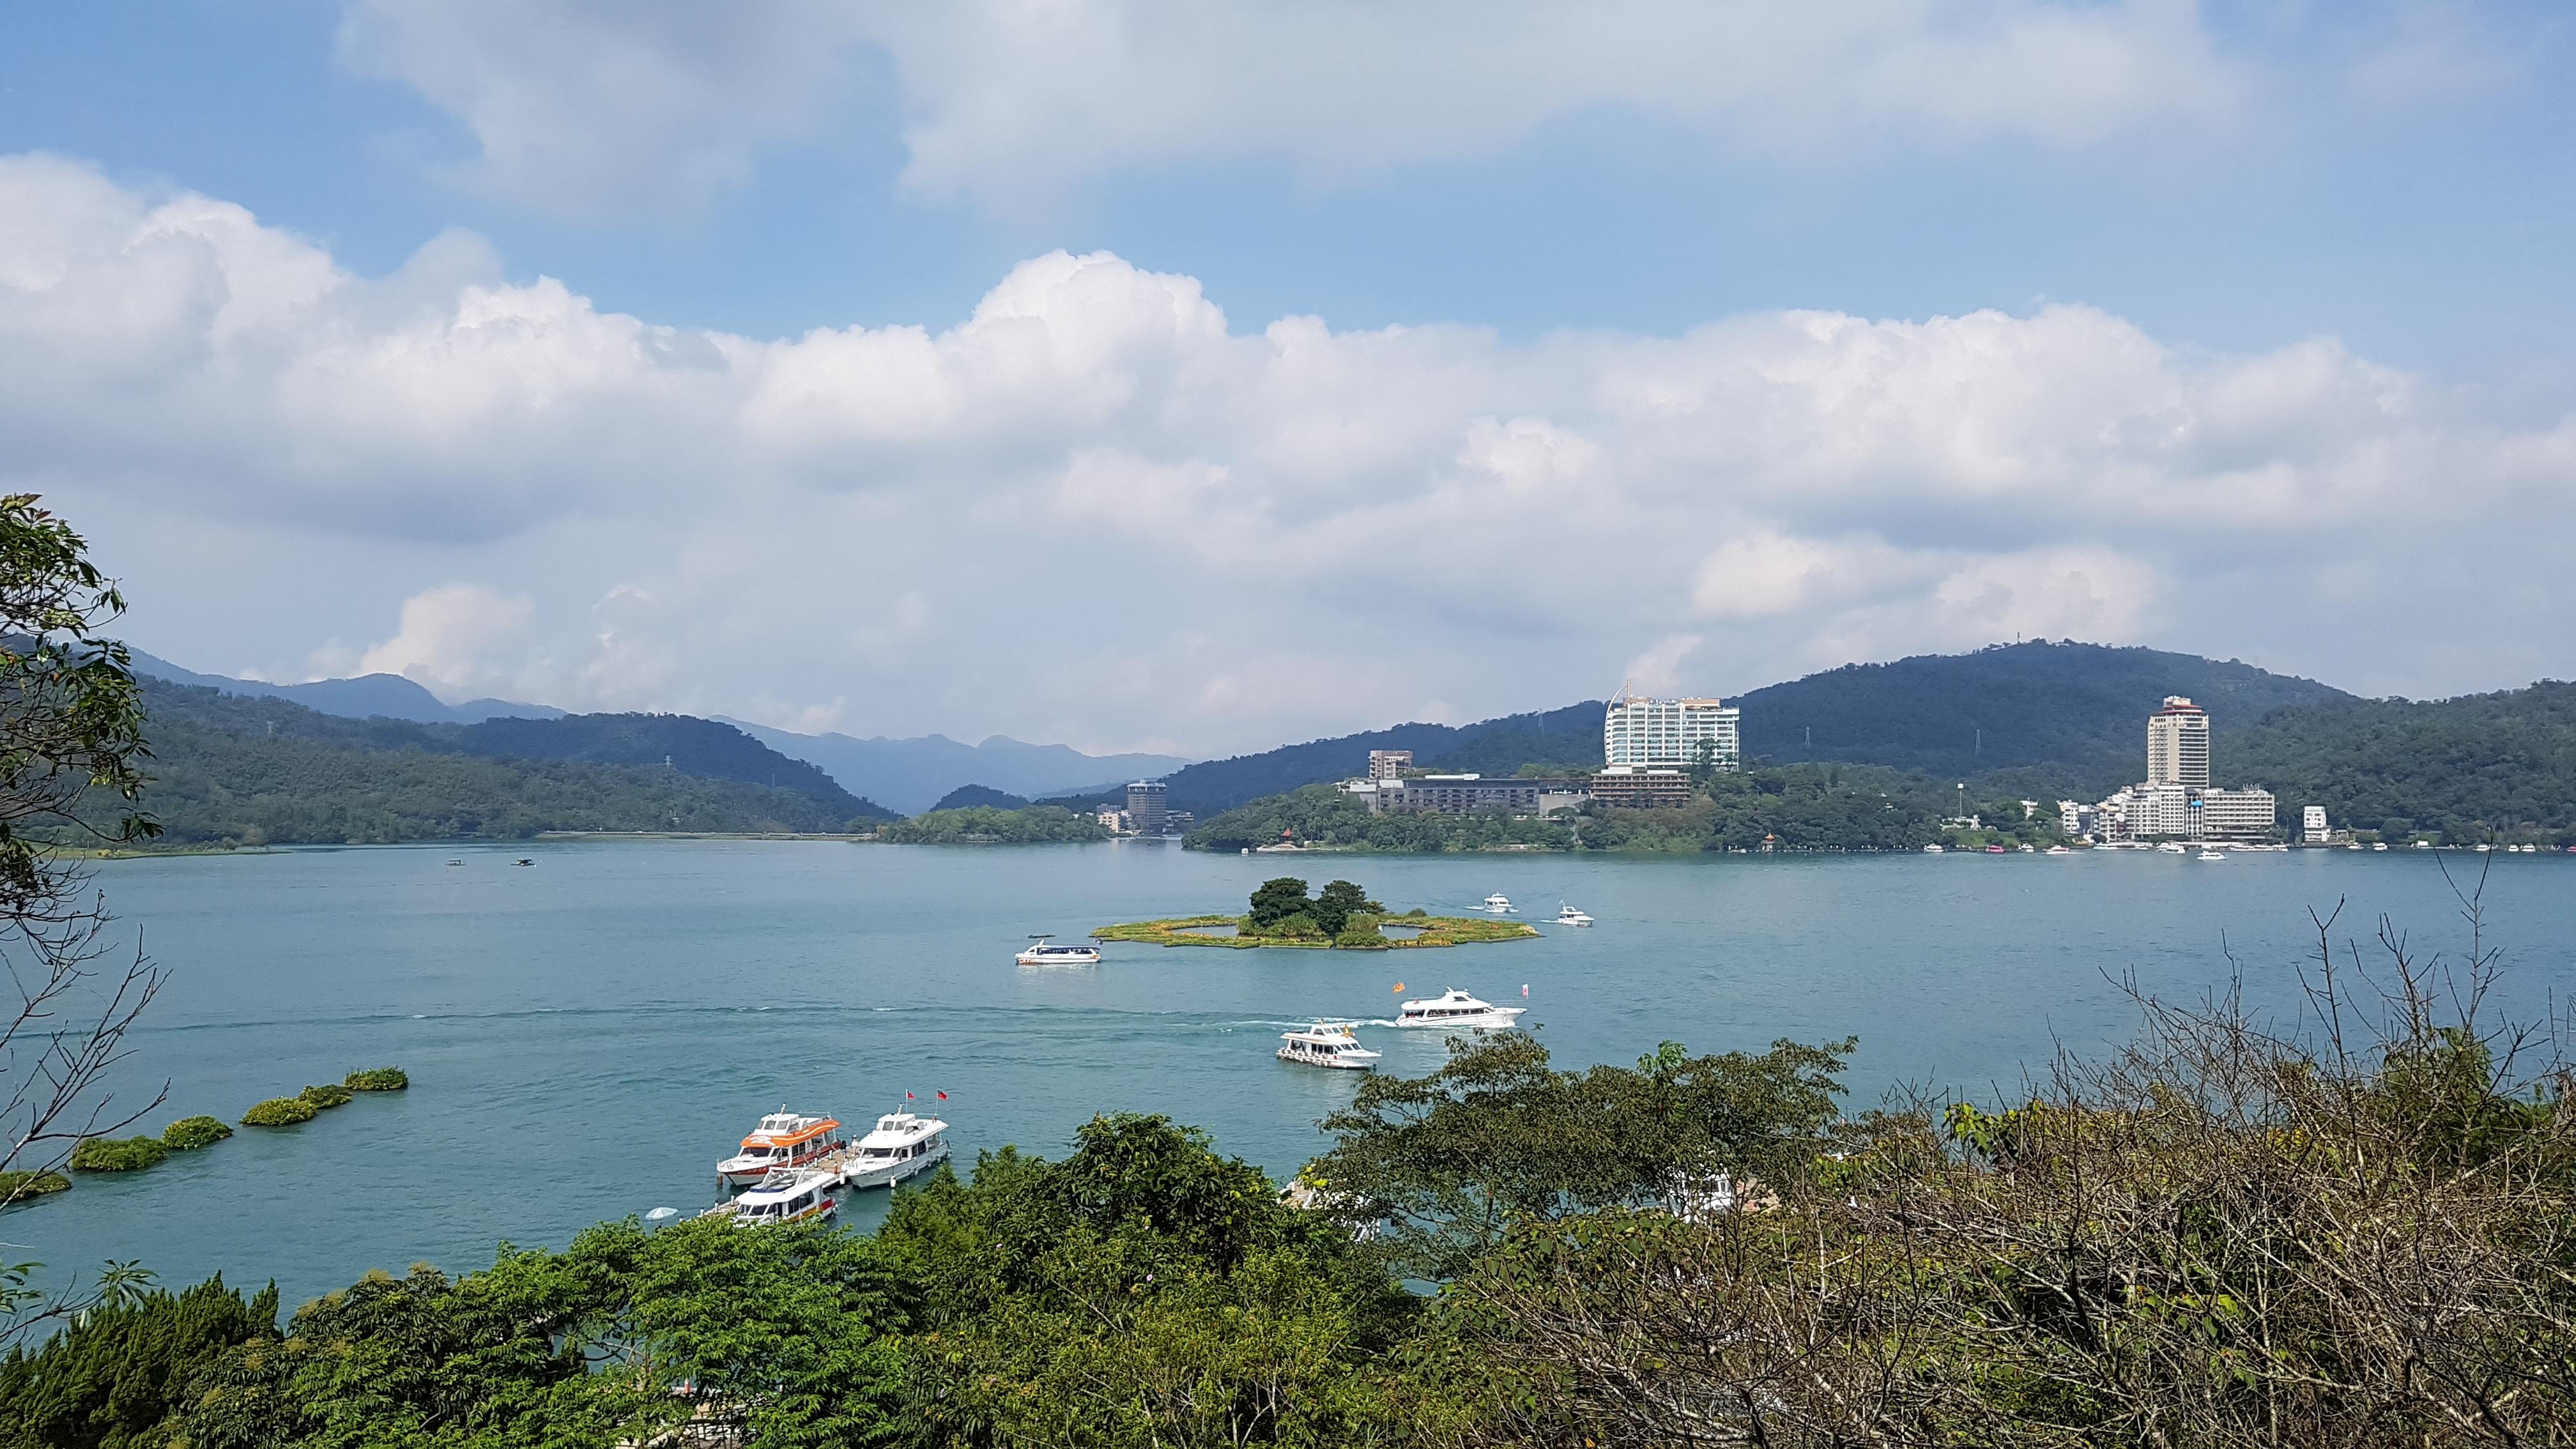 [대만] 호수 도시 르웨탄의 현광사